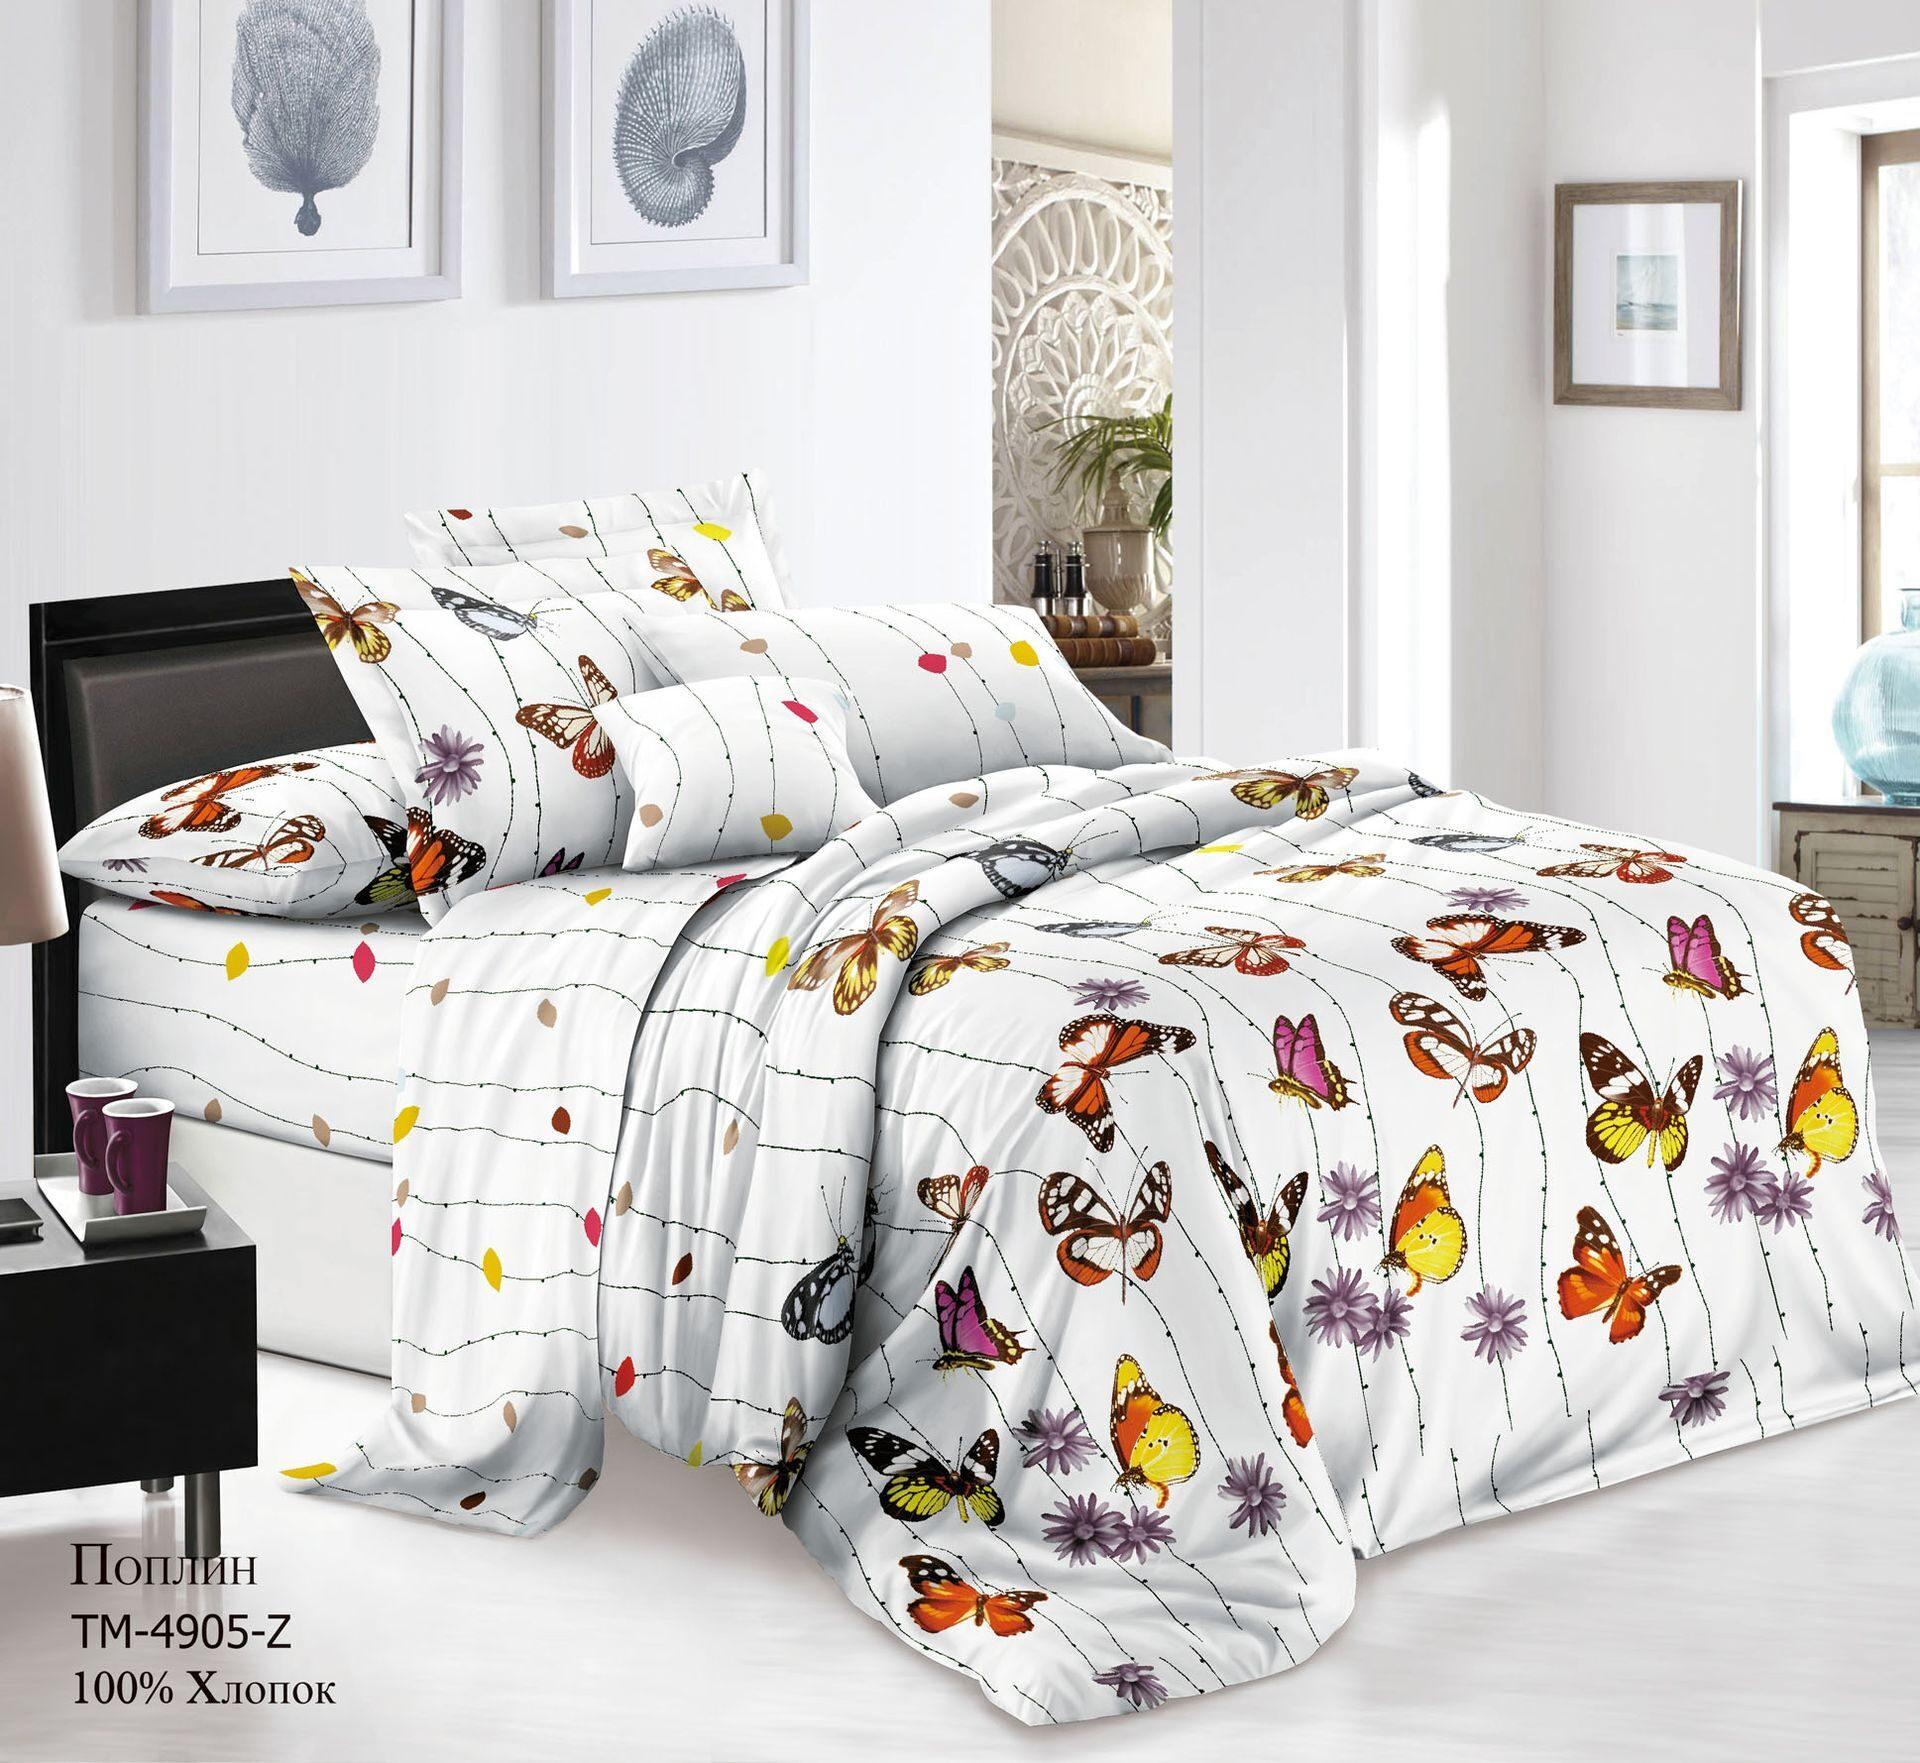 Высота до матраса детской кровати